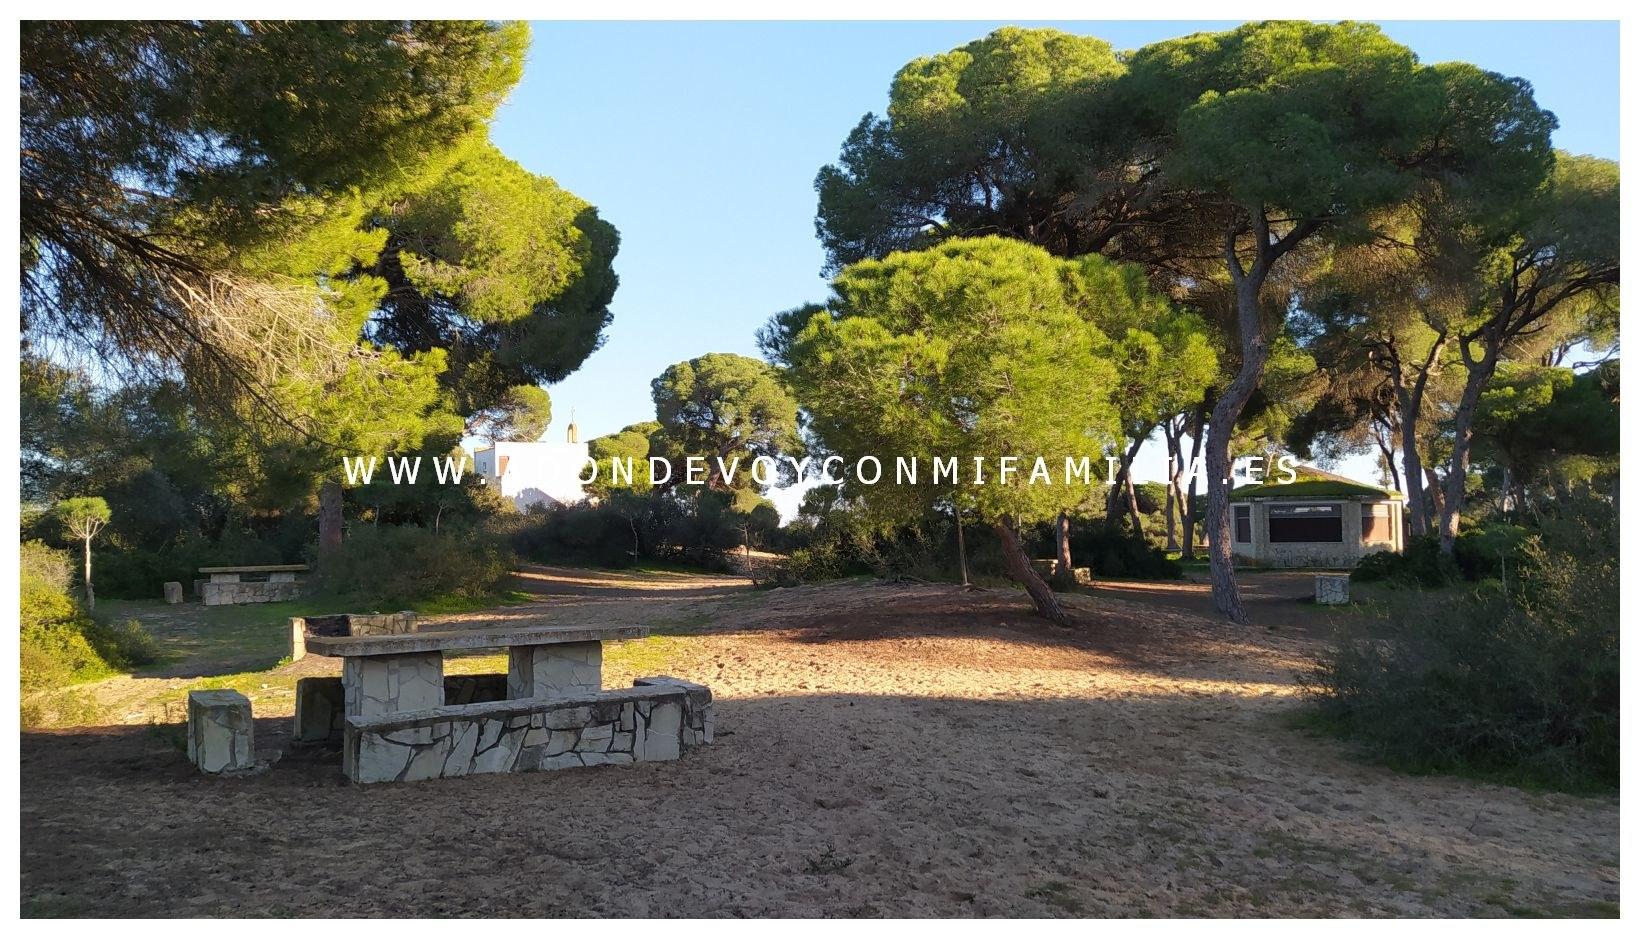 area-recreativa-la-ermita-adondevoyconmifamilia-16